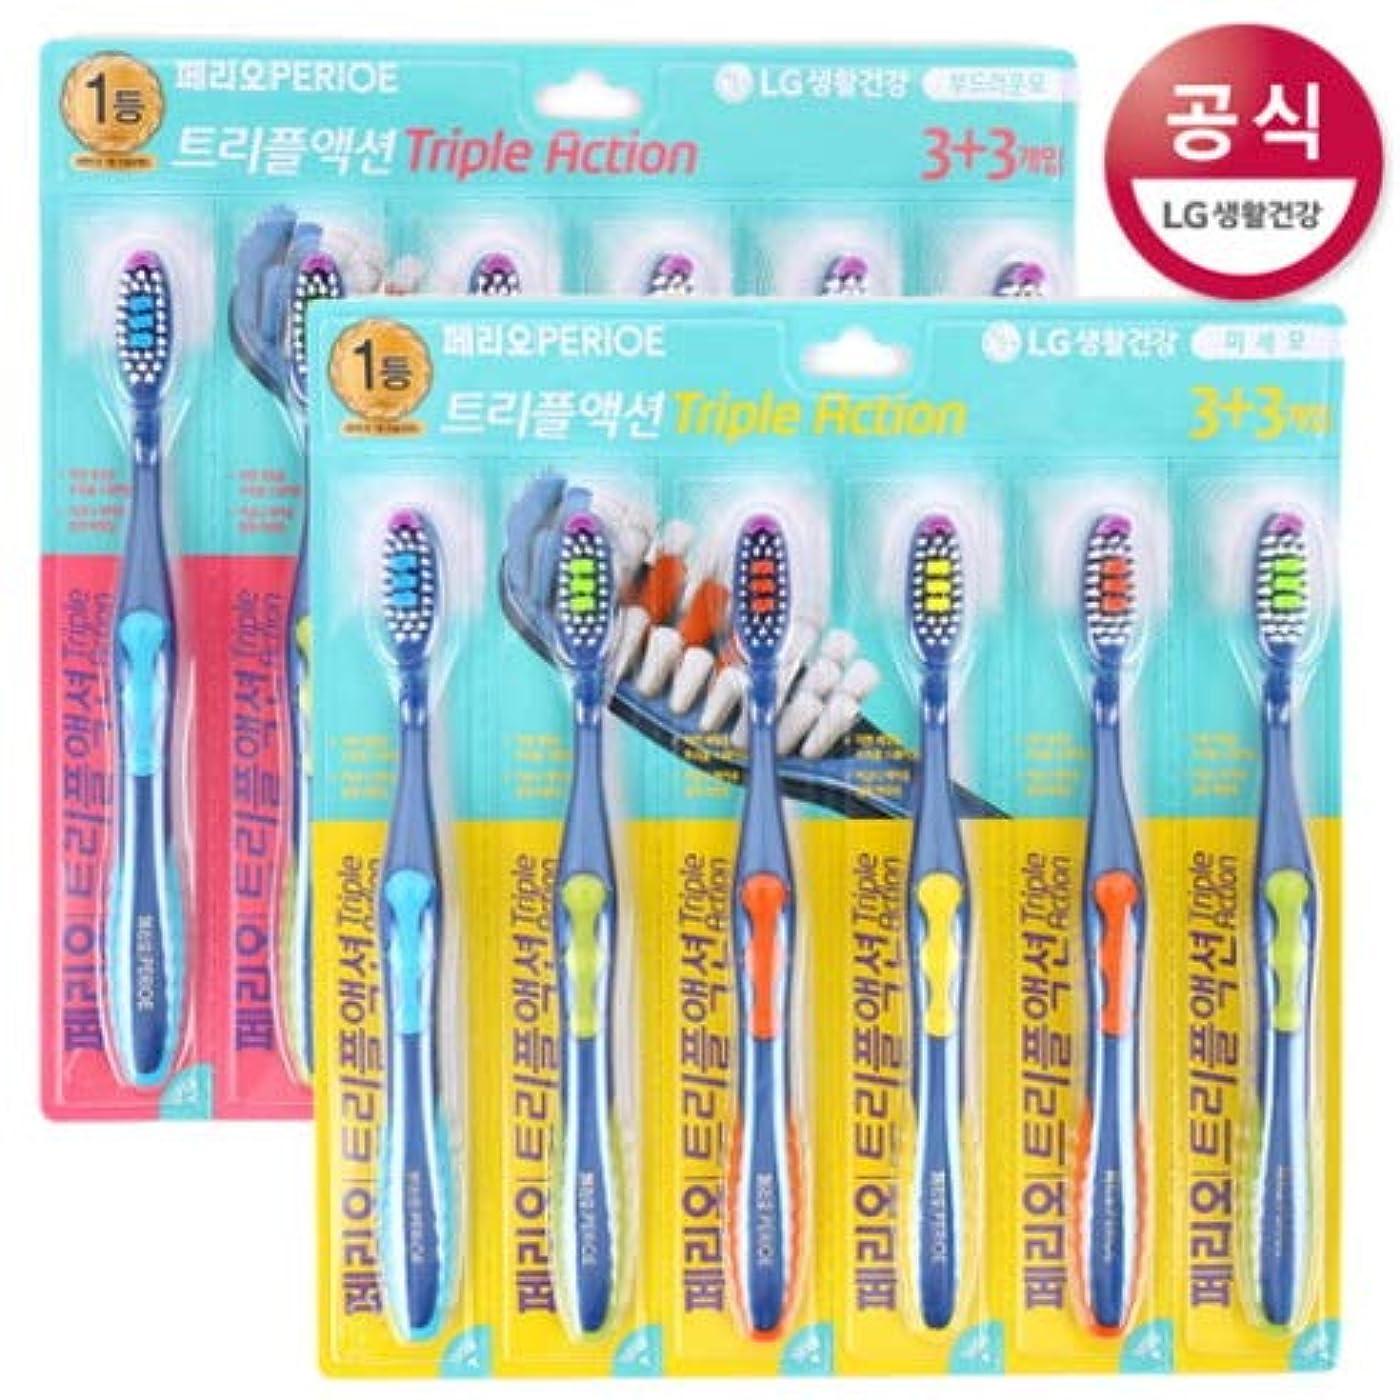 子孫広告仲間[LG HnB] Perio Triple Action Toothbrush/ペリオトリプルアクション歯ブラシ 6口x2個(海外直送品)